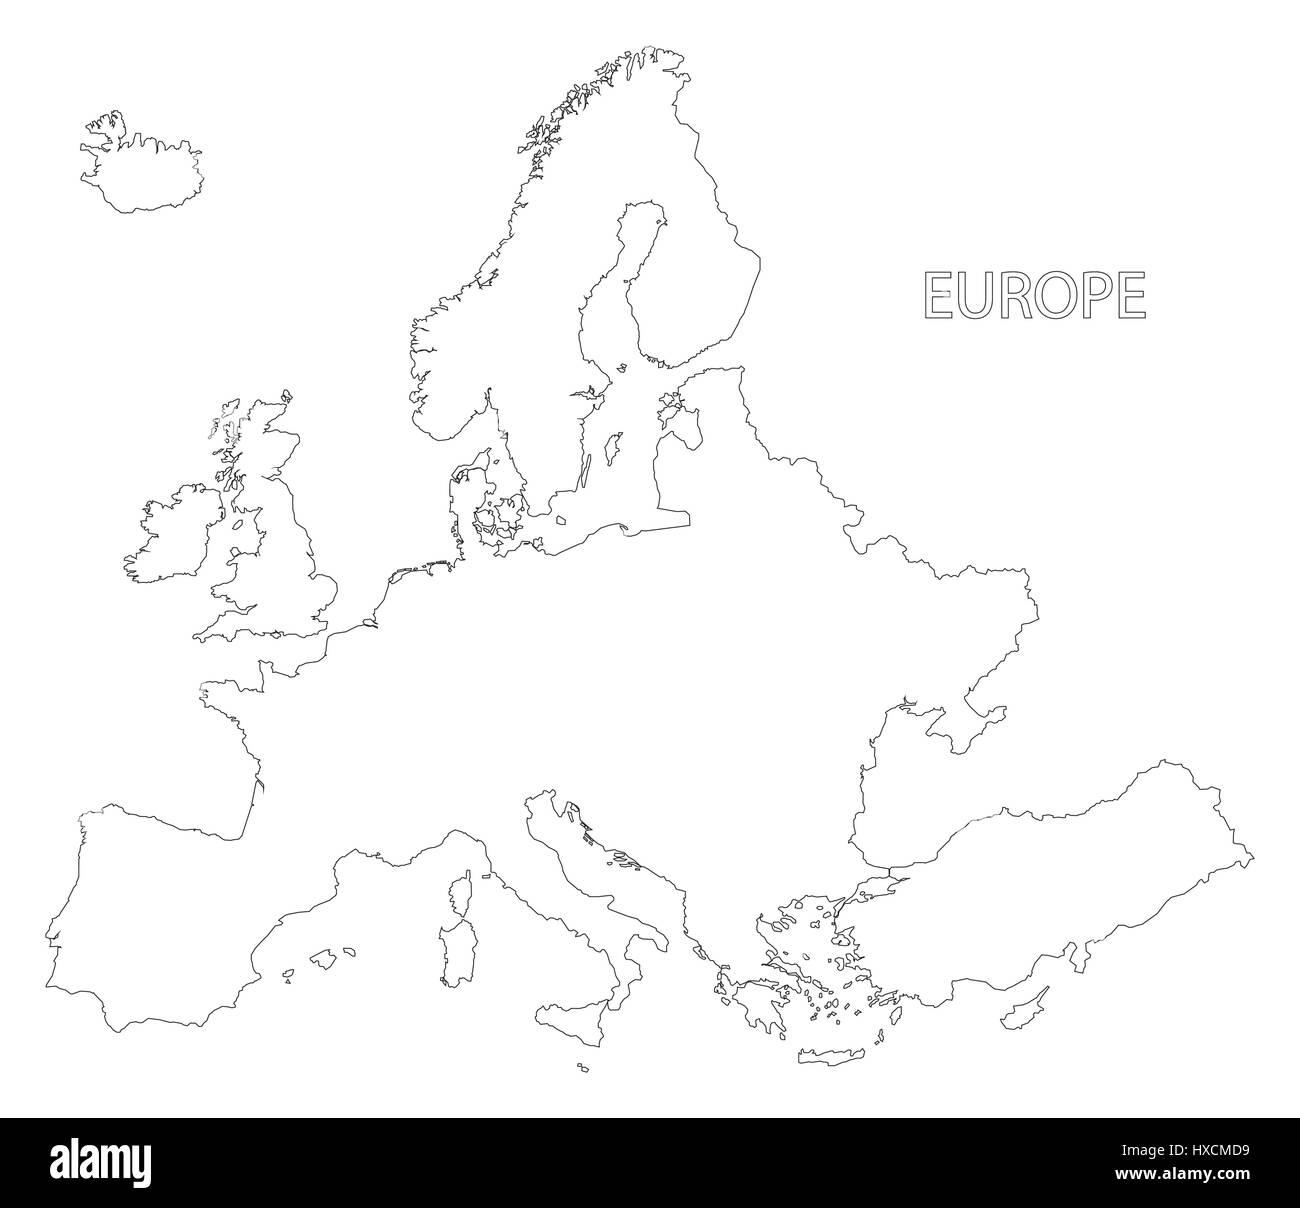 Carte Europe Noir Et Blanc.L Europe La Carte Silhouette Illustration En Noir Et Blanc